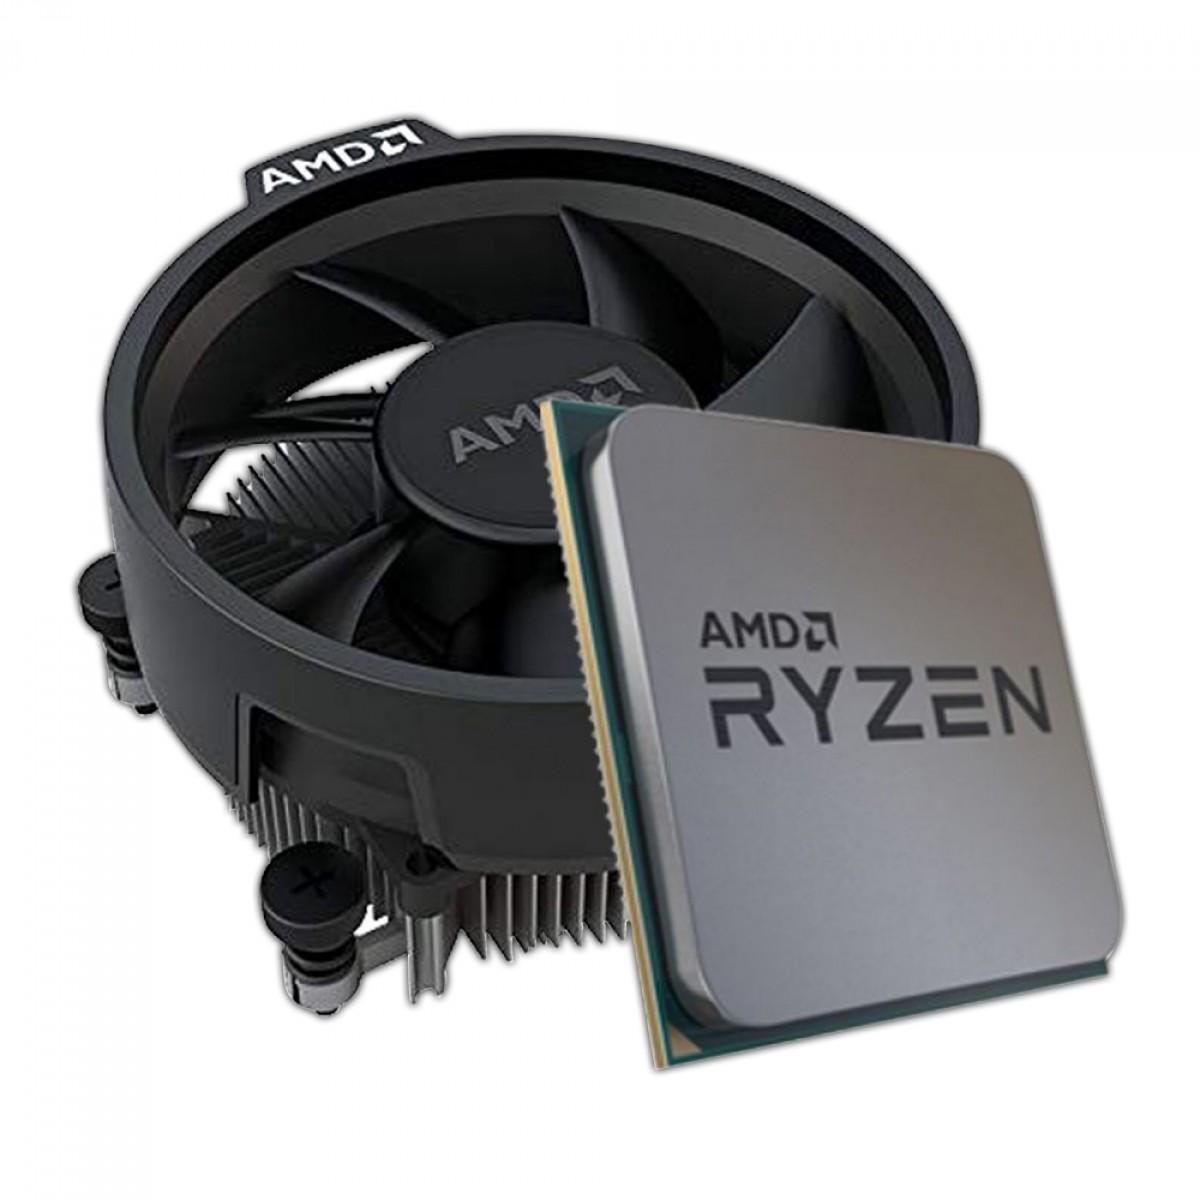 Kit Upgrade Biostar A320MH AMD AM4 + AMD Ryzen 5 3400G 3.7GHz + Geil Evo Potenza DDR4 16GB (2x8GB) 3000MHz